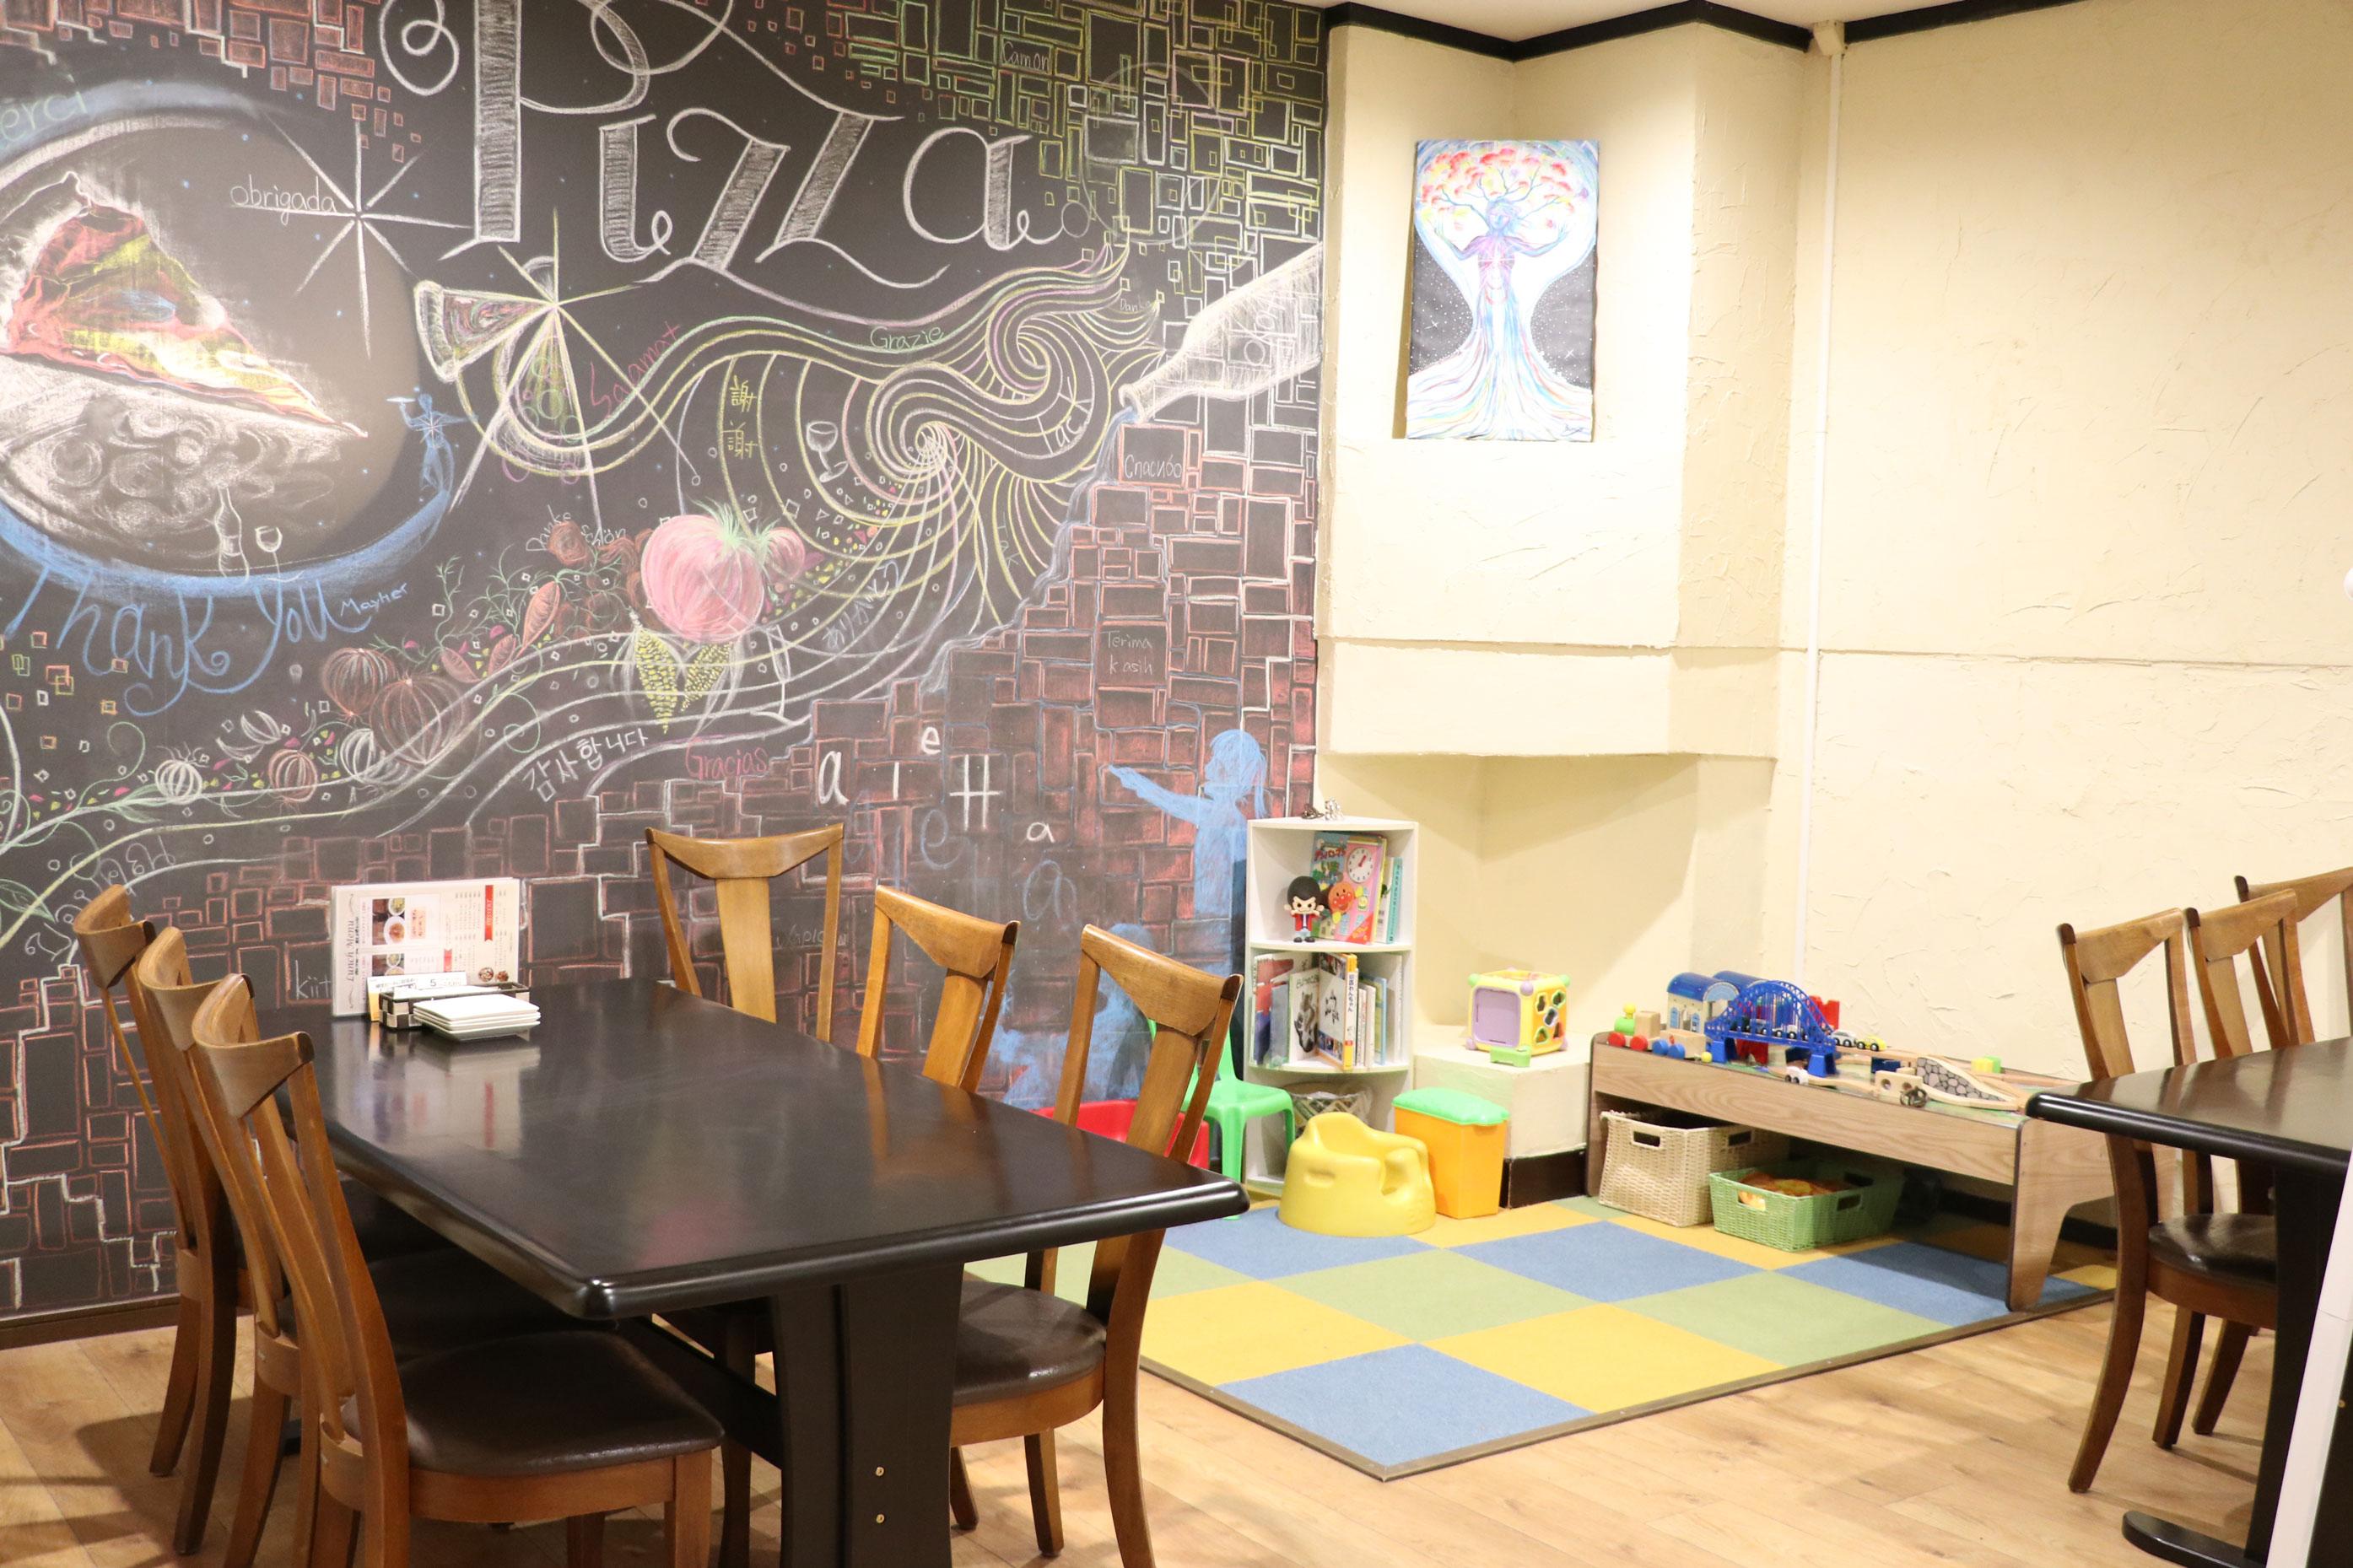 店内奥のキッズスペース。近くのテーブルは子連れ優先で案内しますが、予約も可能です。トイレにはおむつ替えスペースもあり